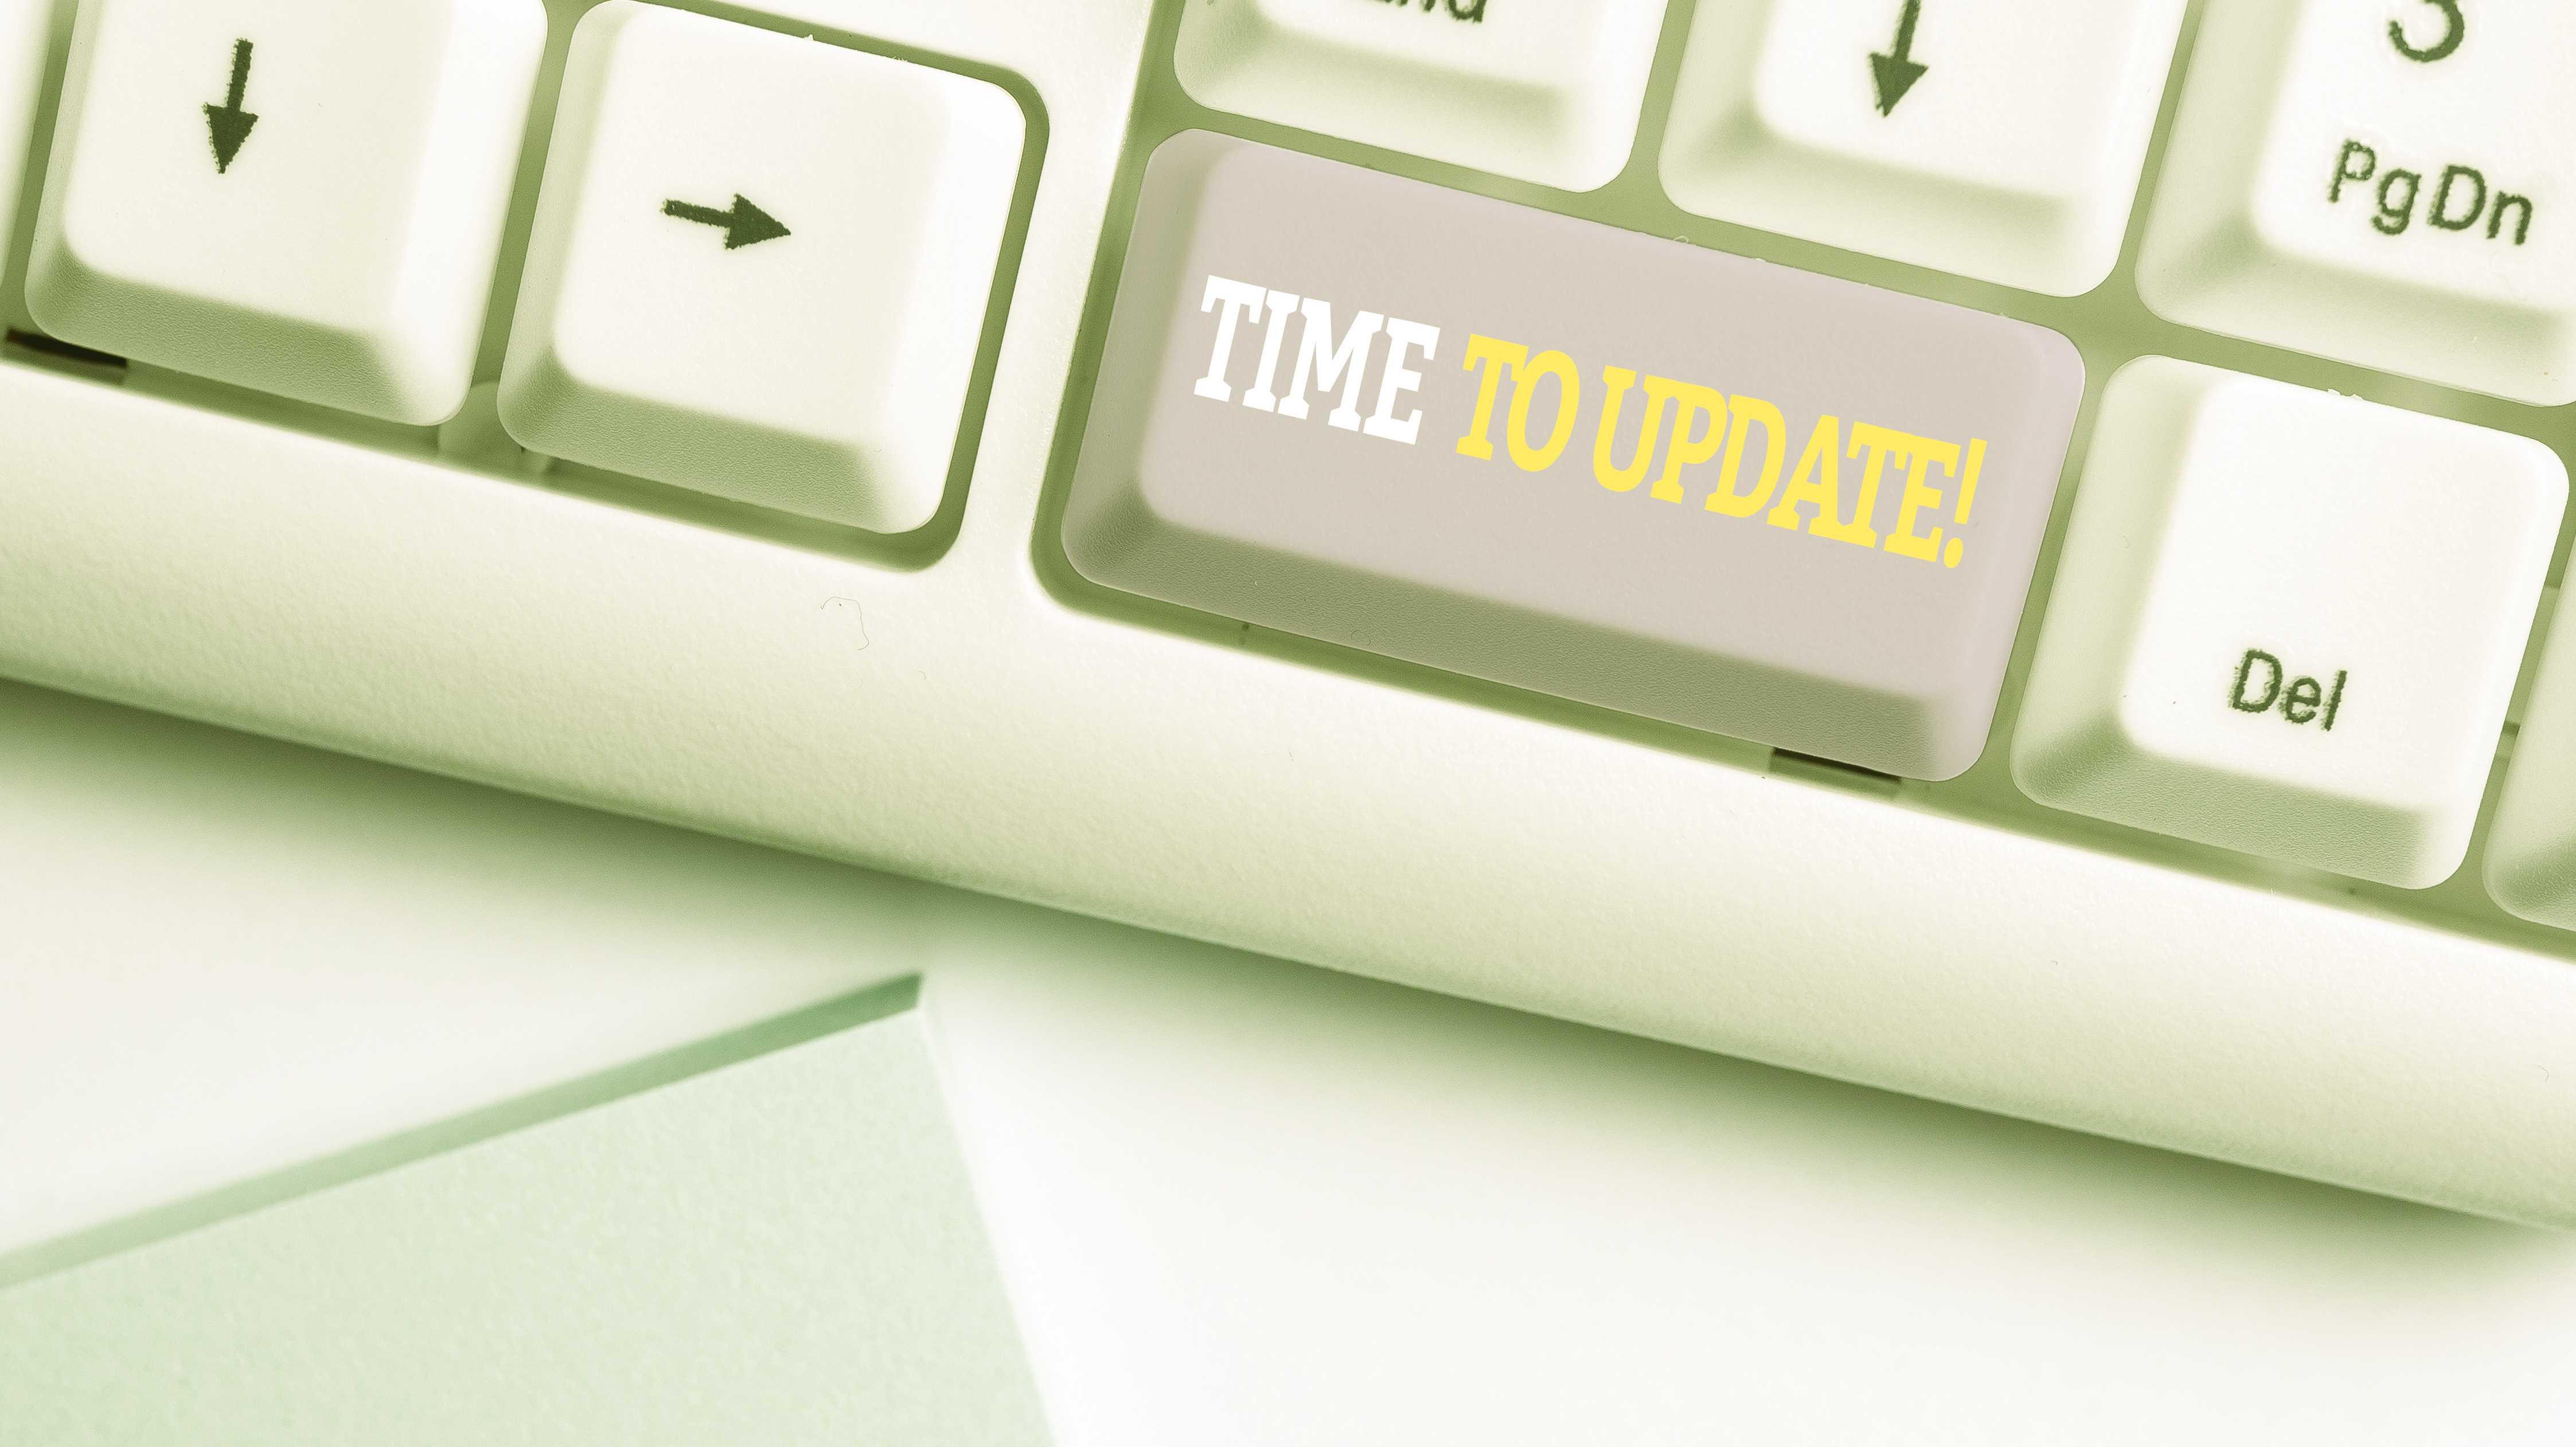 Root-Sicherheitslücke gefährdet IBM-Datenbank Db2